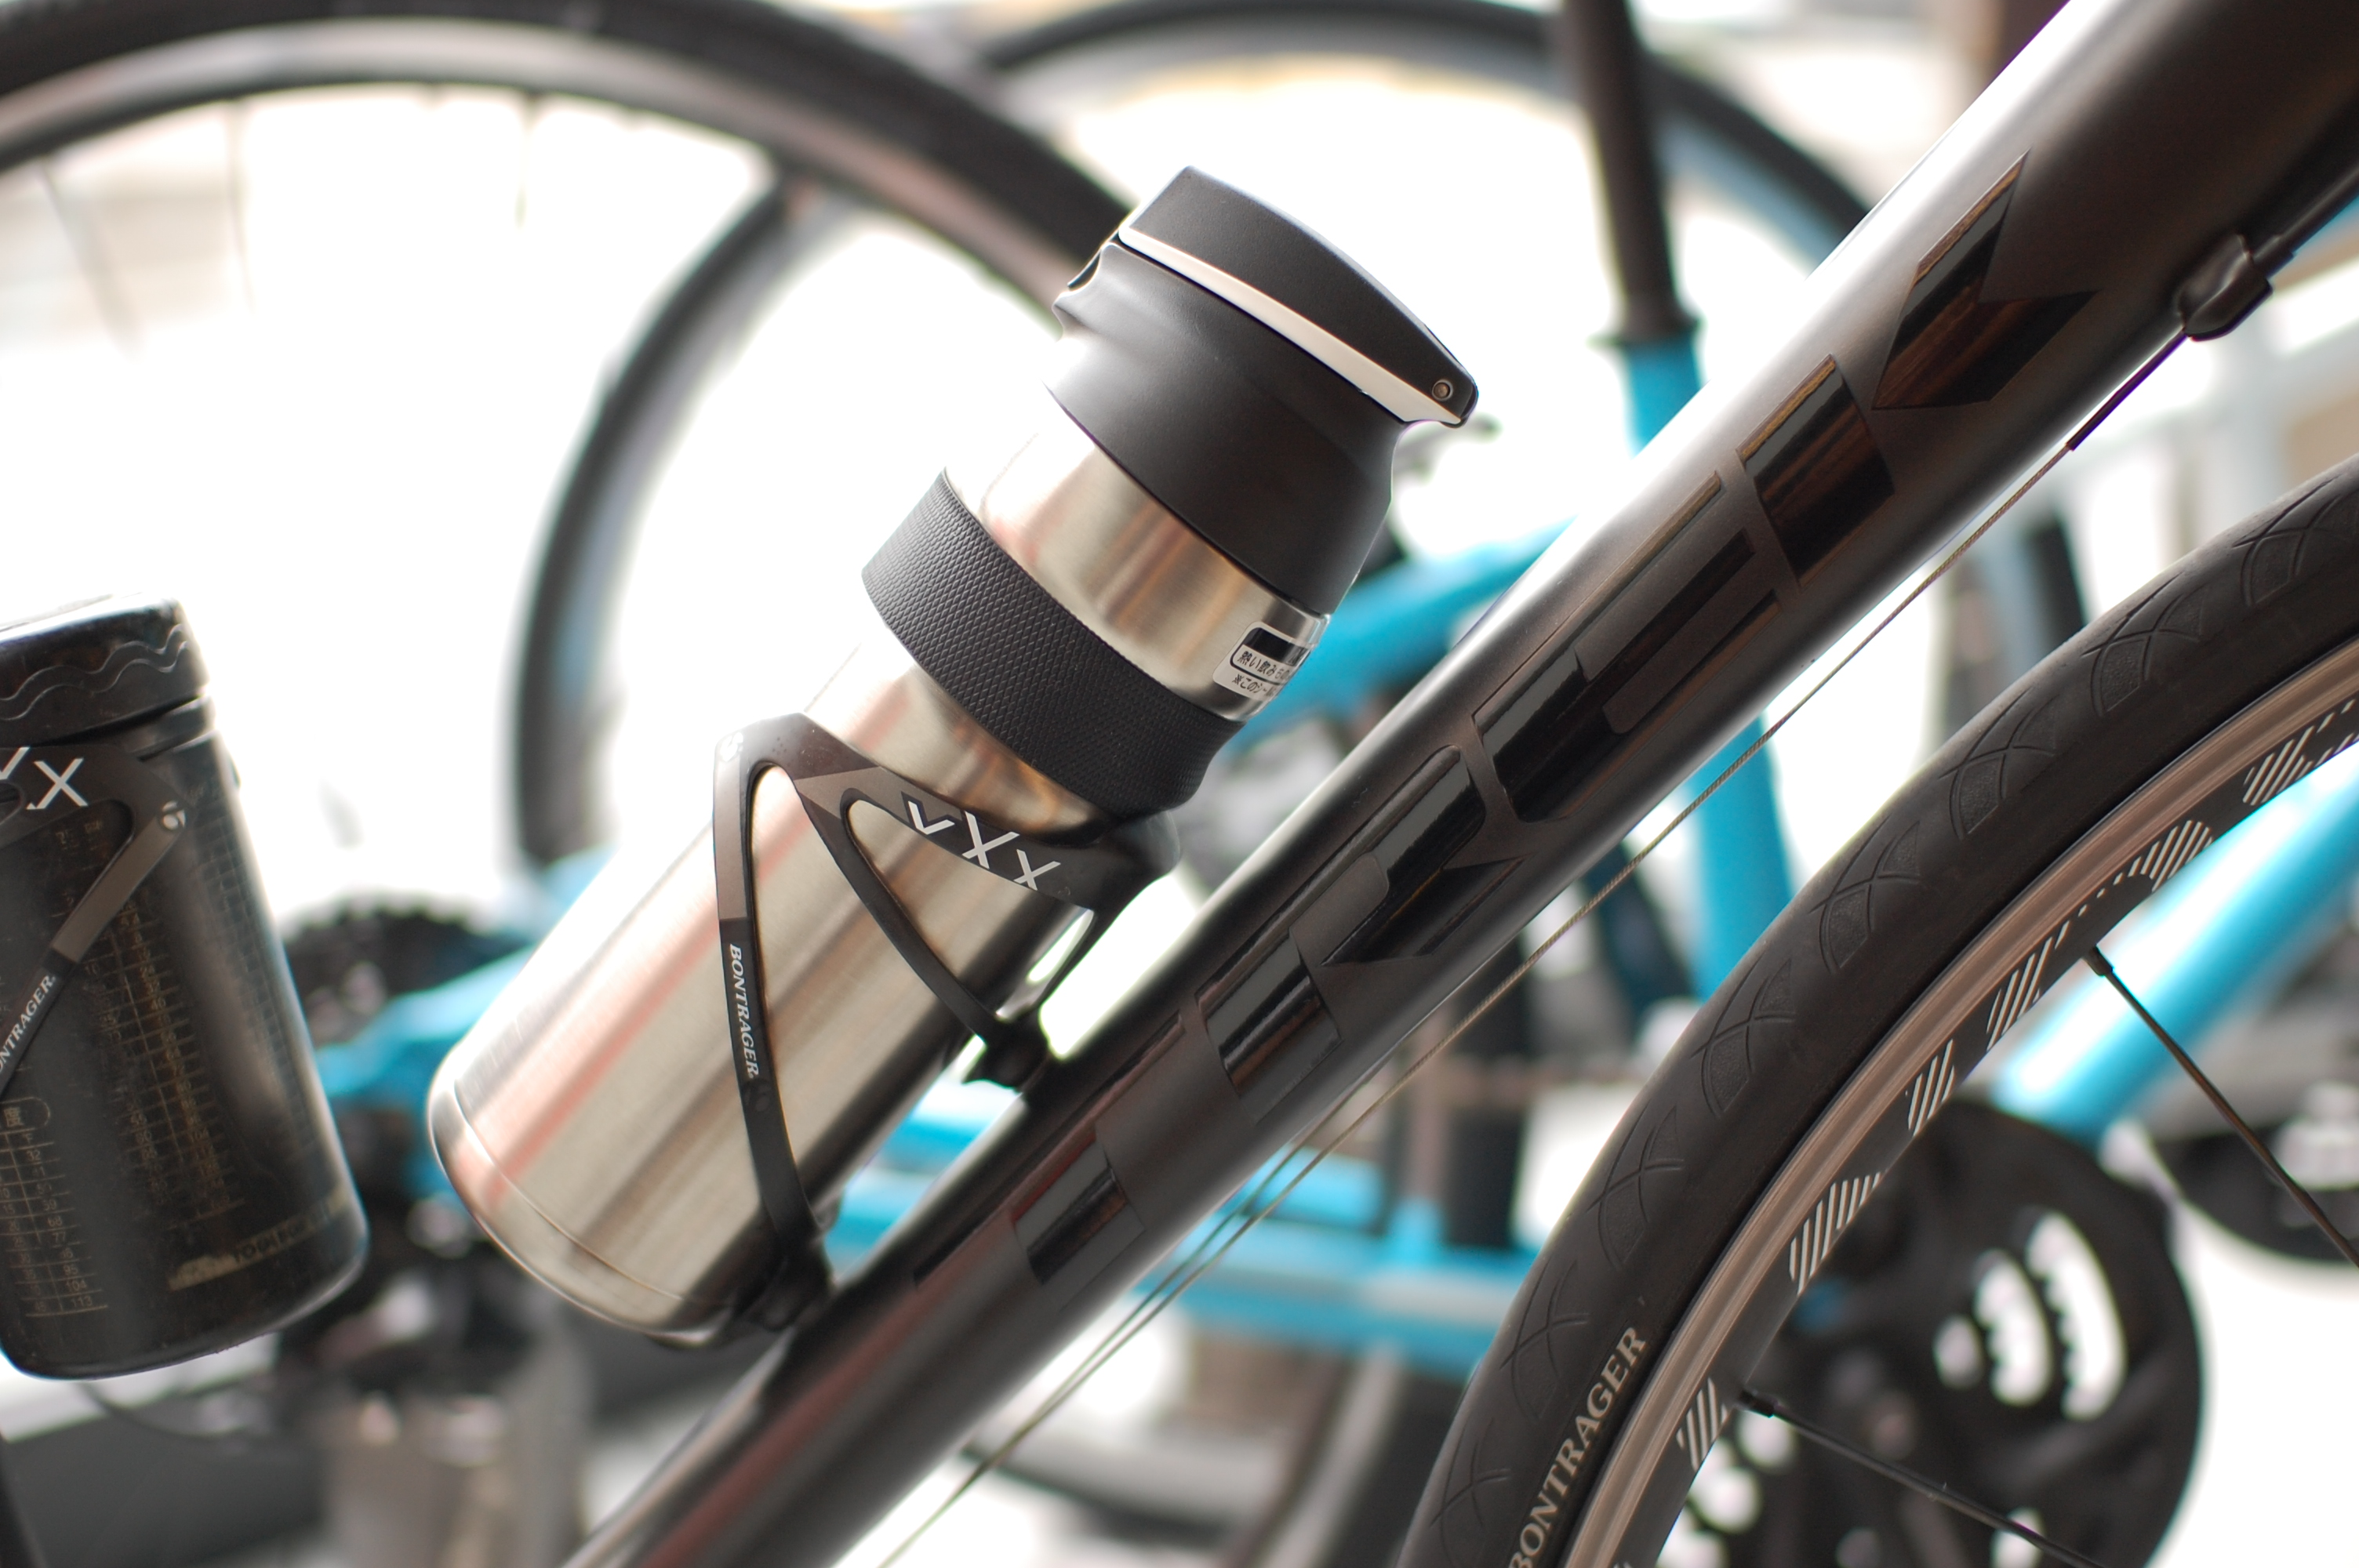 夏の灼熱ライドはコイツで切り抜けろ!ロードバイク・クロスバイク・マウンテンバイクにもバッチリ似合う最強の保冷ボトル!